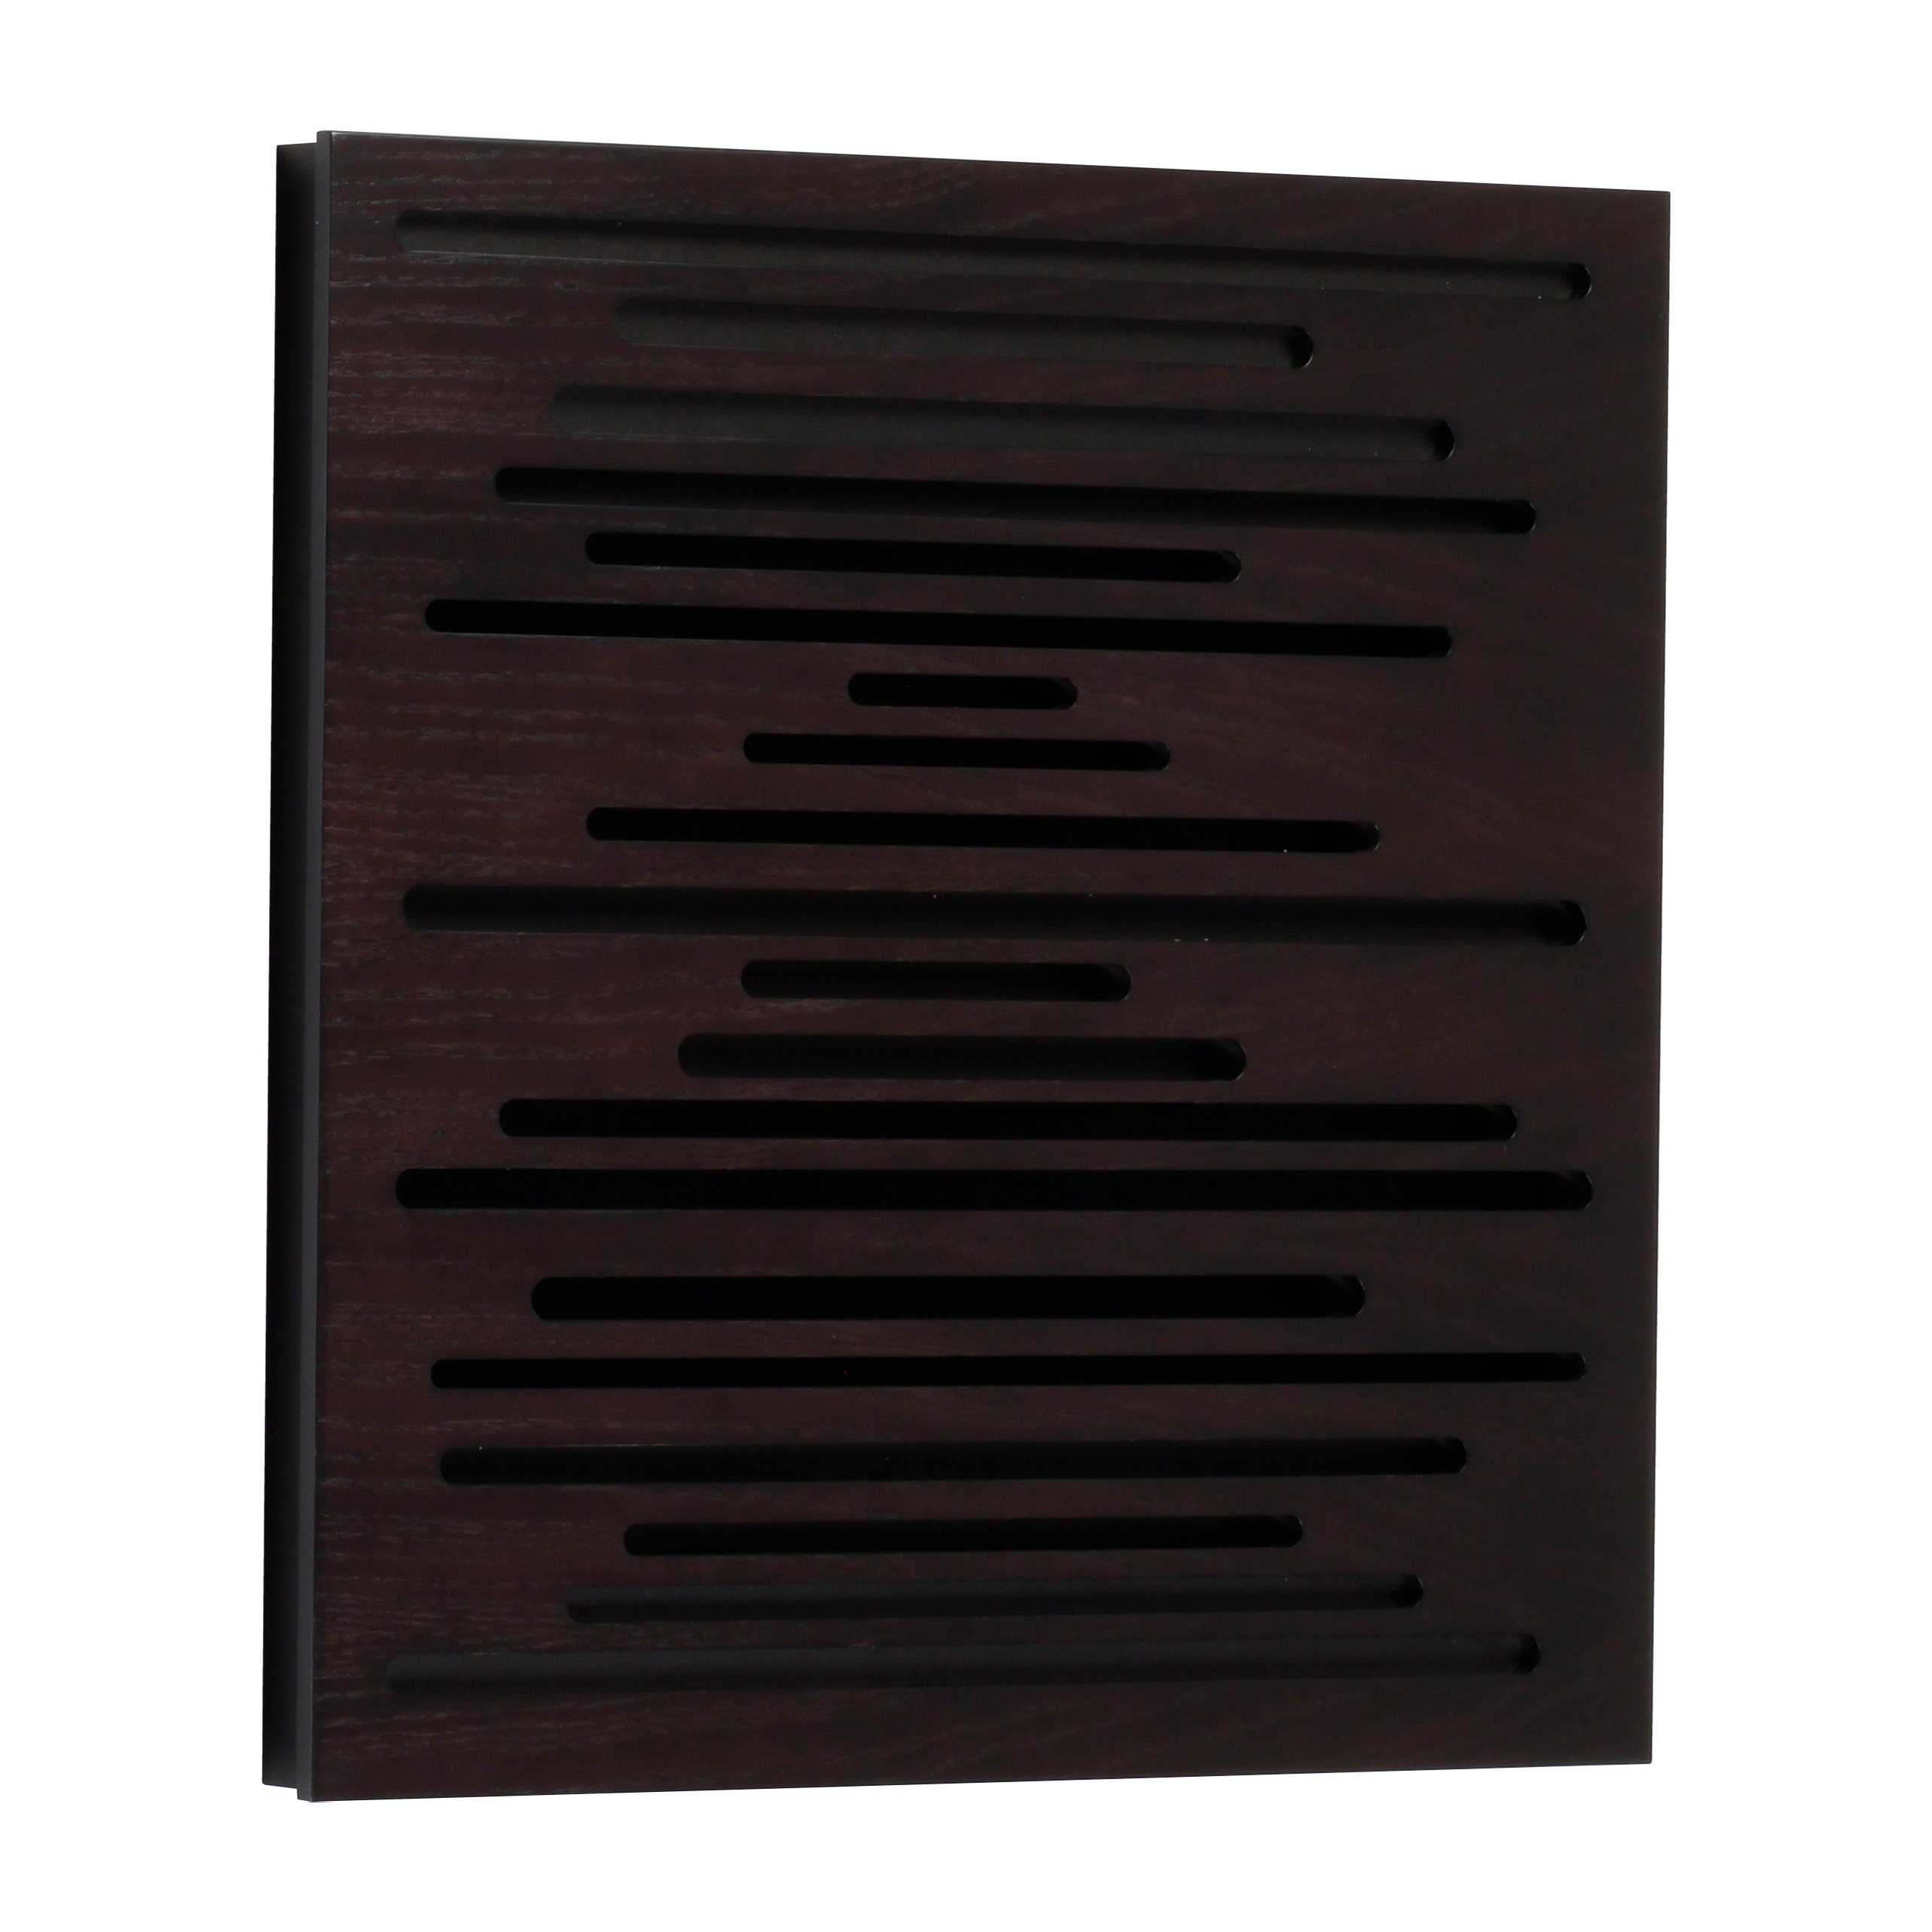 Pannelli decorativi acustici in derivati del legno wavewood diffuser 60 by vicoustic by exhibo - Pannelli decorativi in legno ...